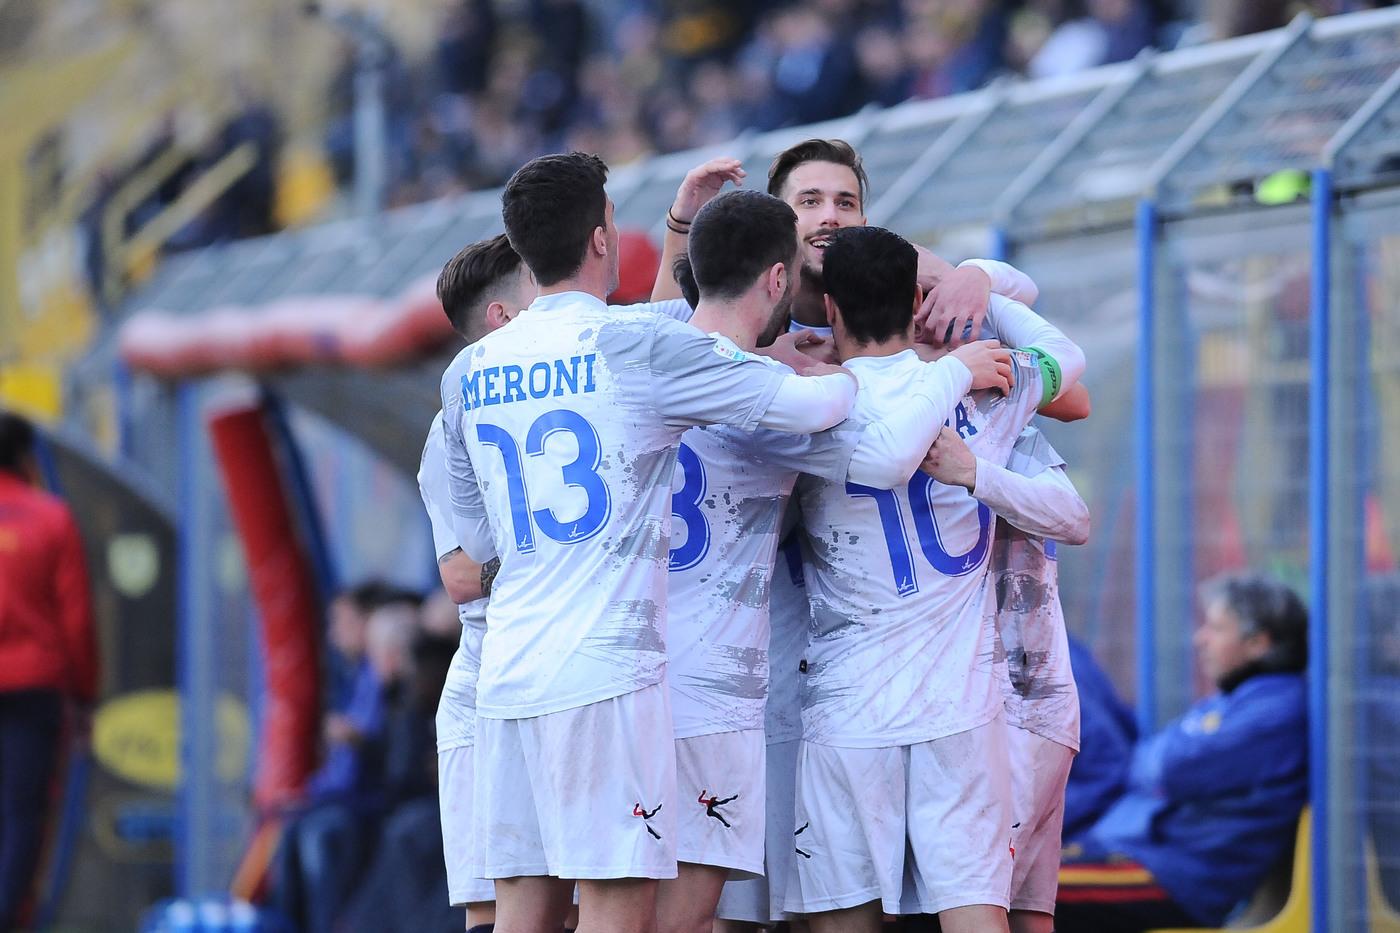 Coppa Italia Serie C, Catanzaro-Cavese 2 settembre: analisi e pronostico della giornata dedicata alla seconda gara del gruppo I